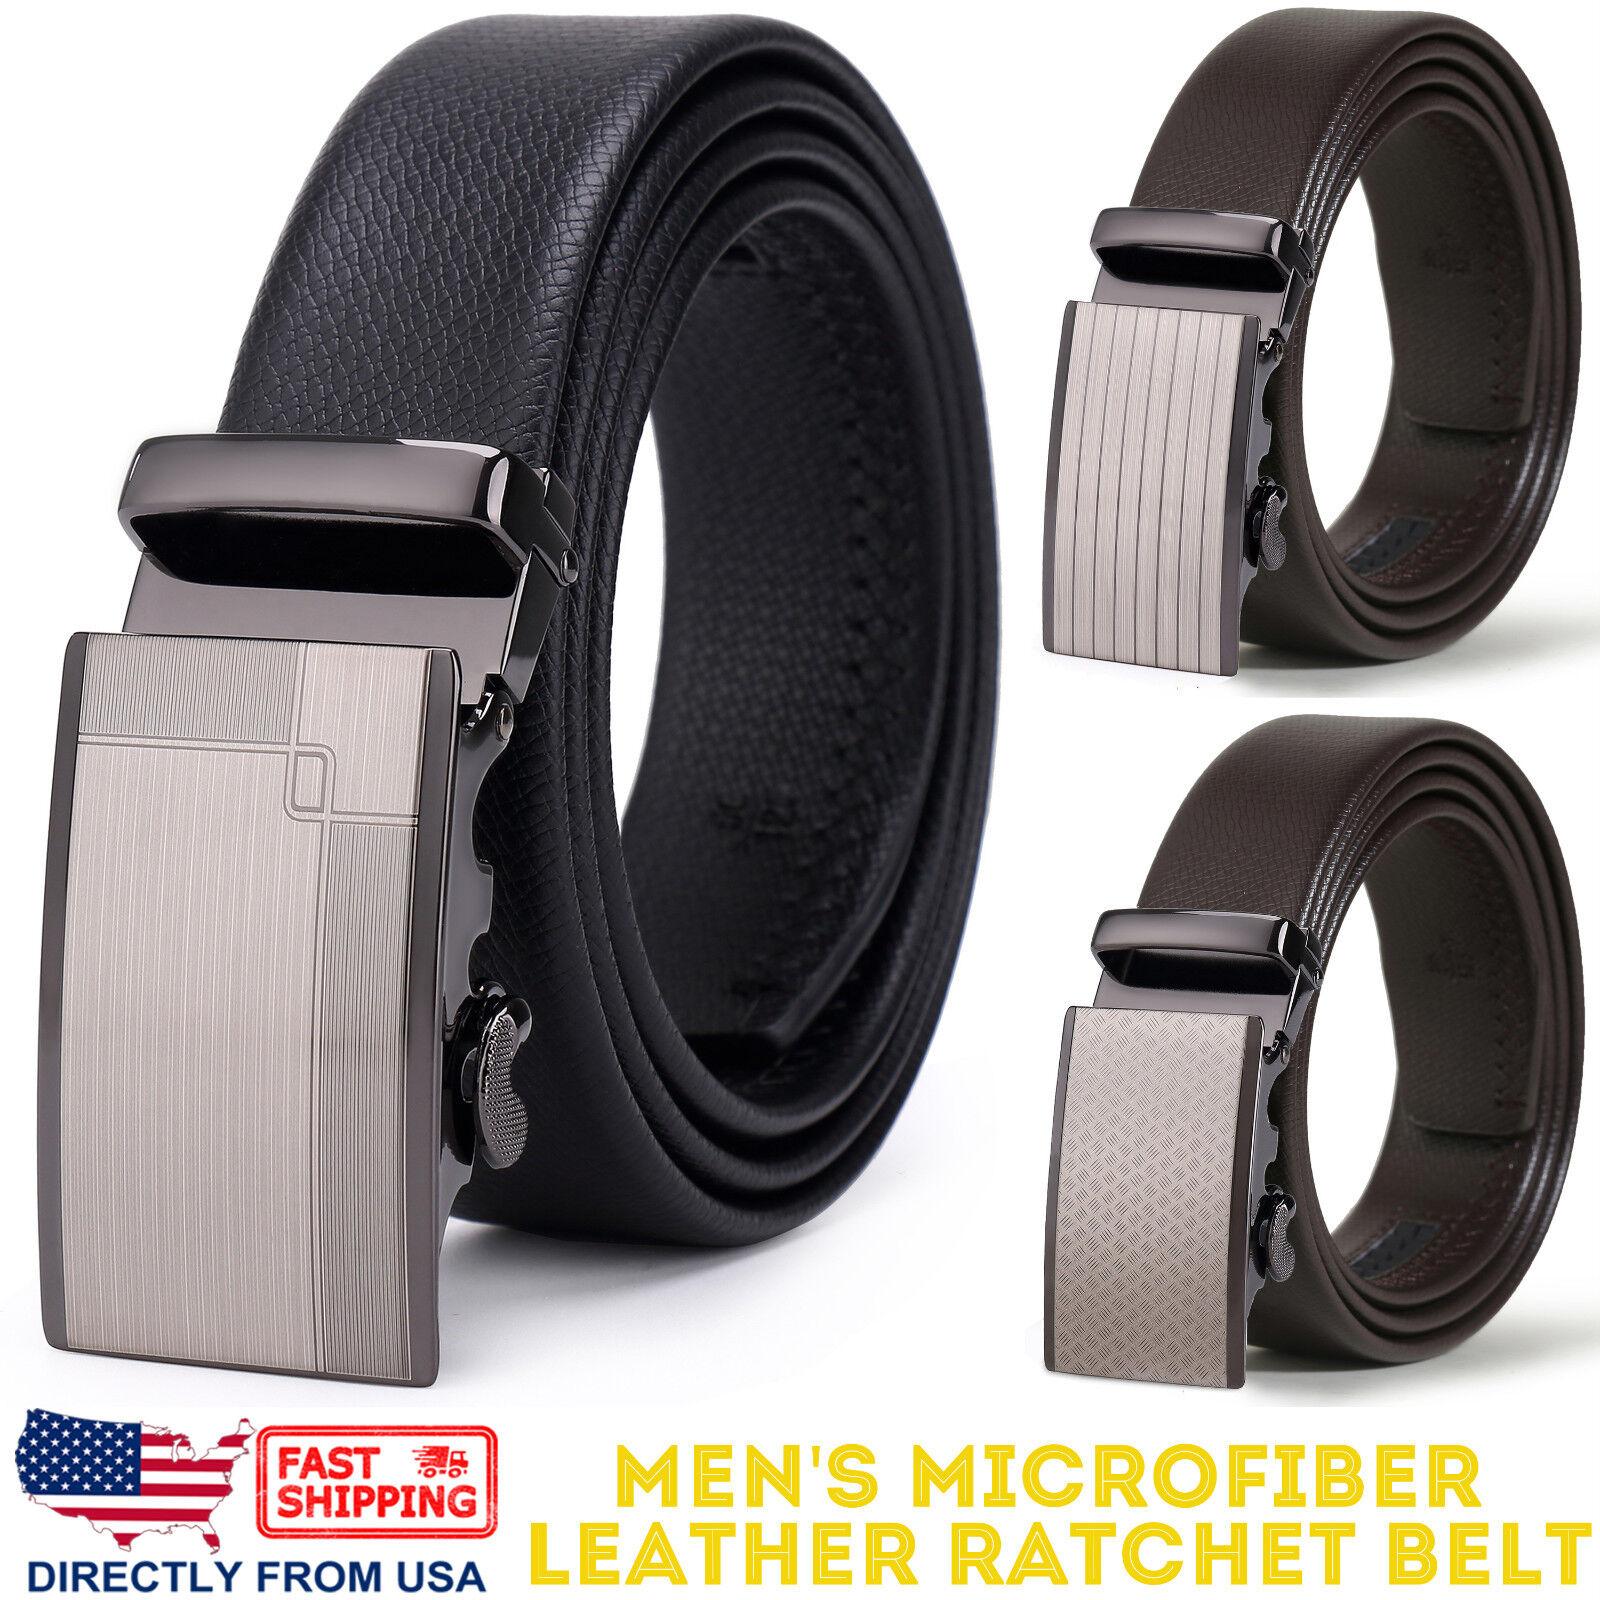 Men's Dress Belt, Microfiber Leather Automatic Buckle Ratchet Belt Belts